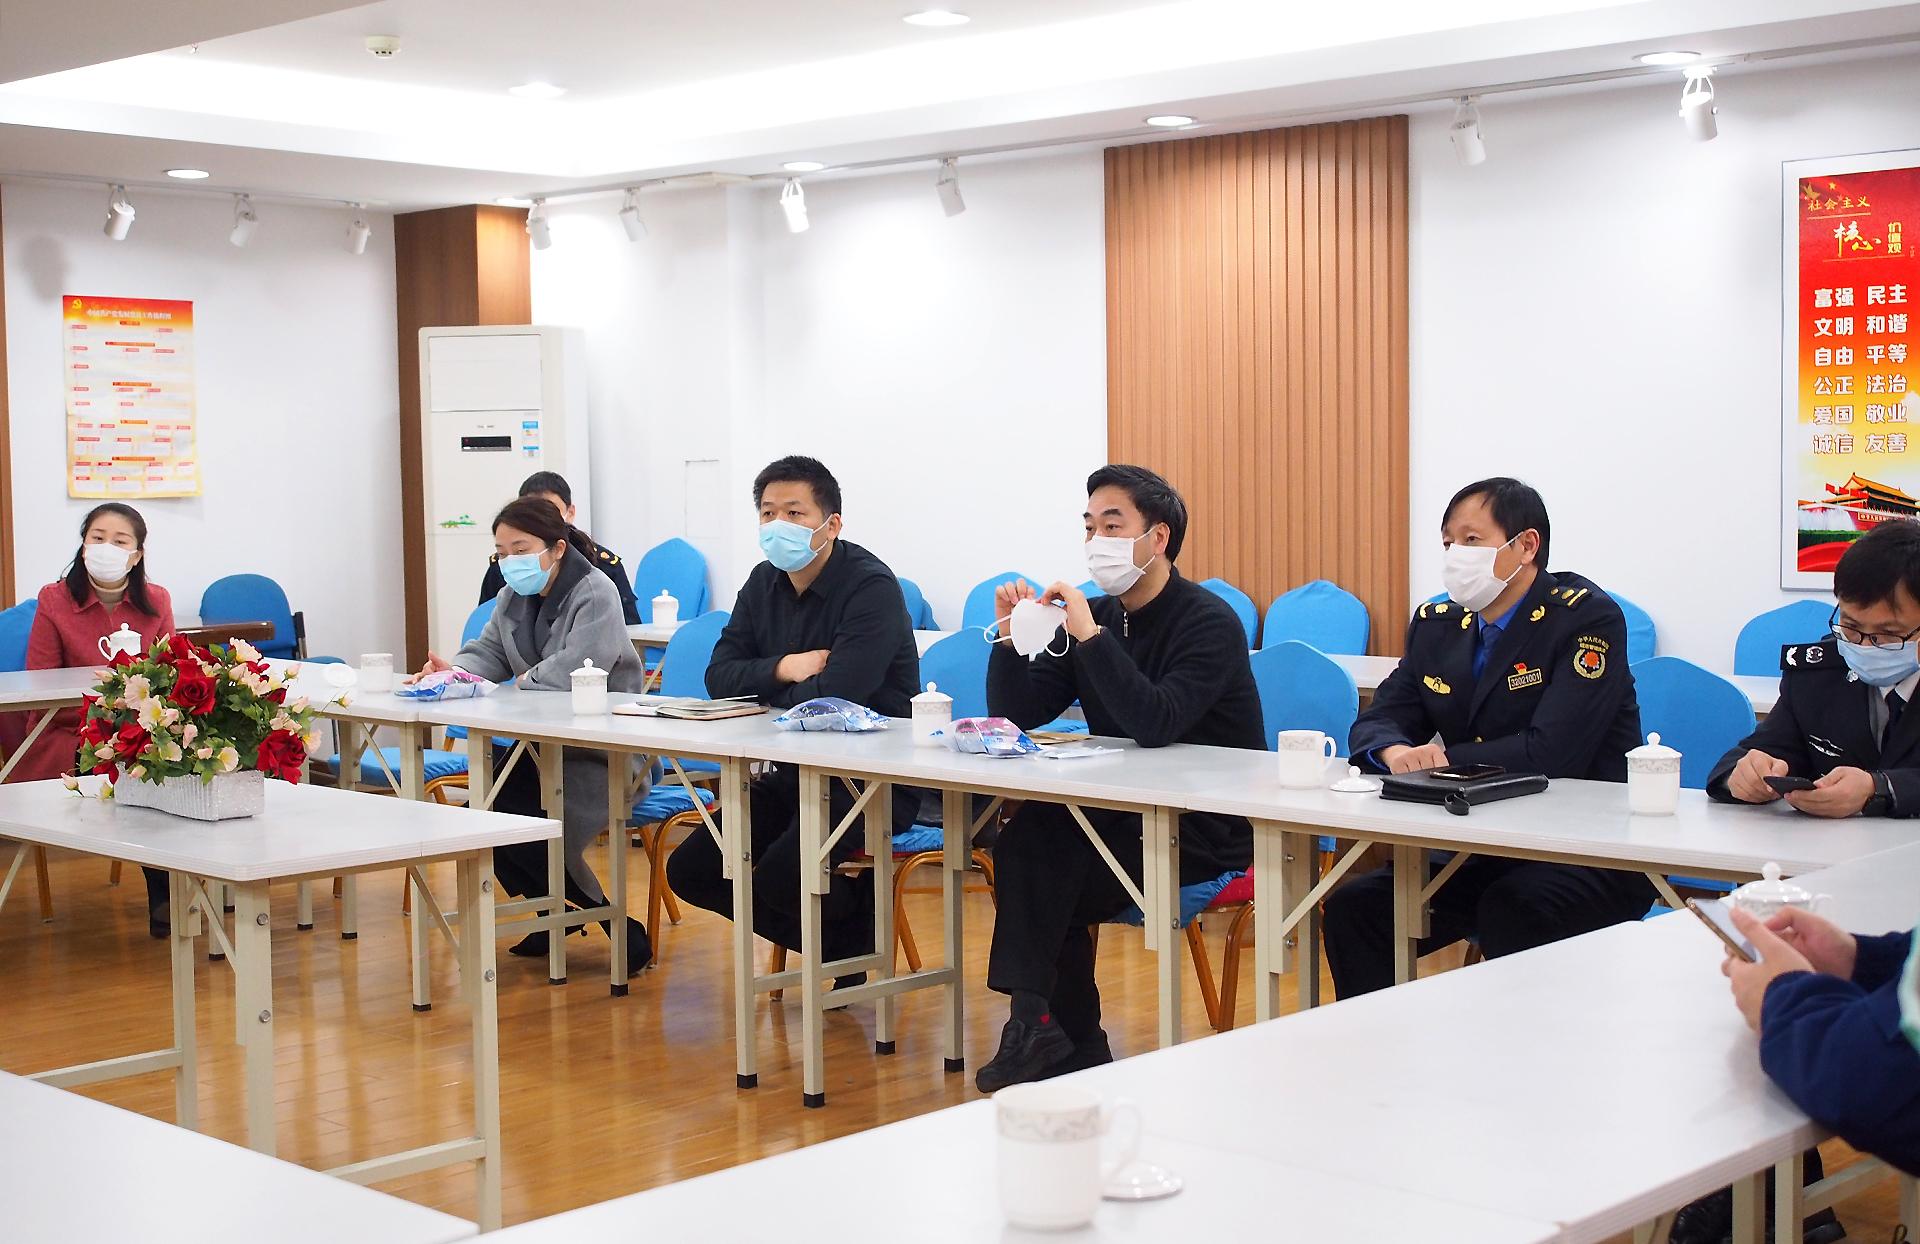 梁溪区区长带队检查刘潭服装疫情防控工作